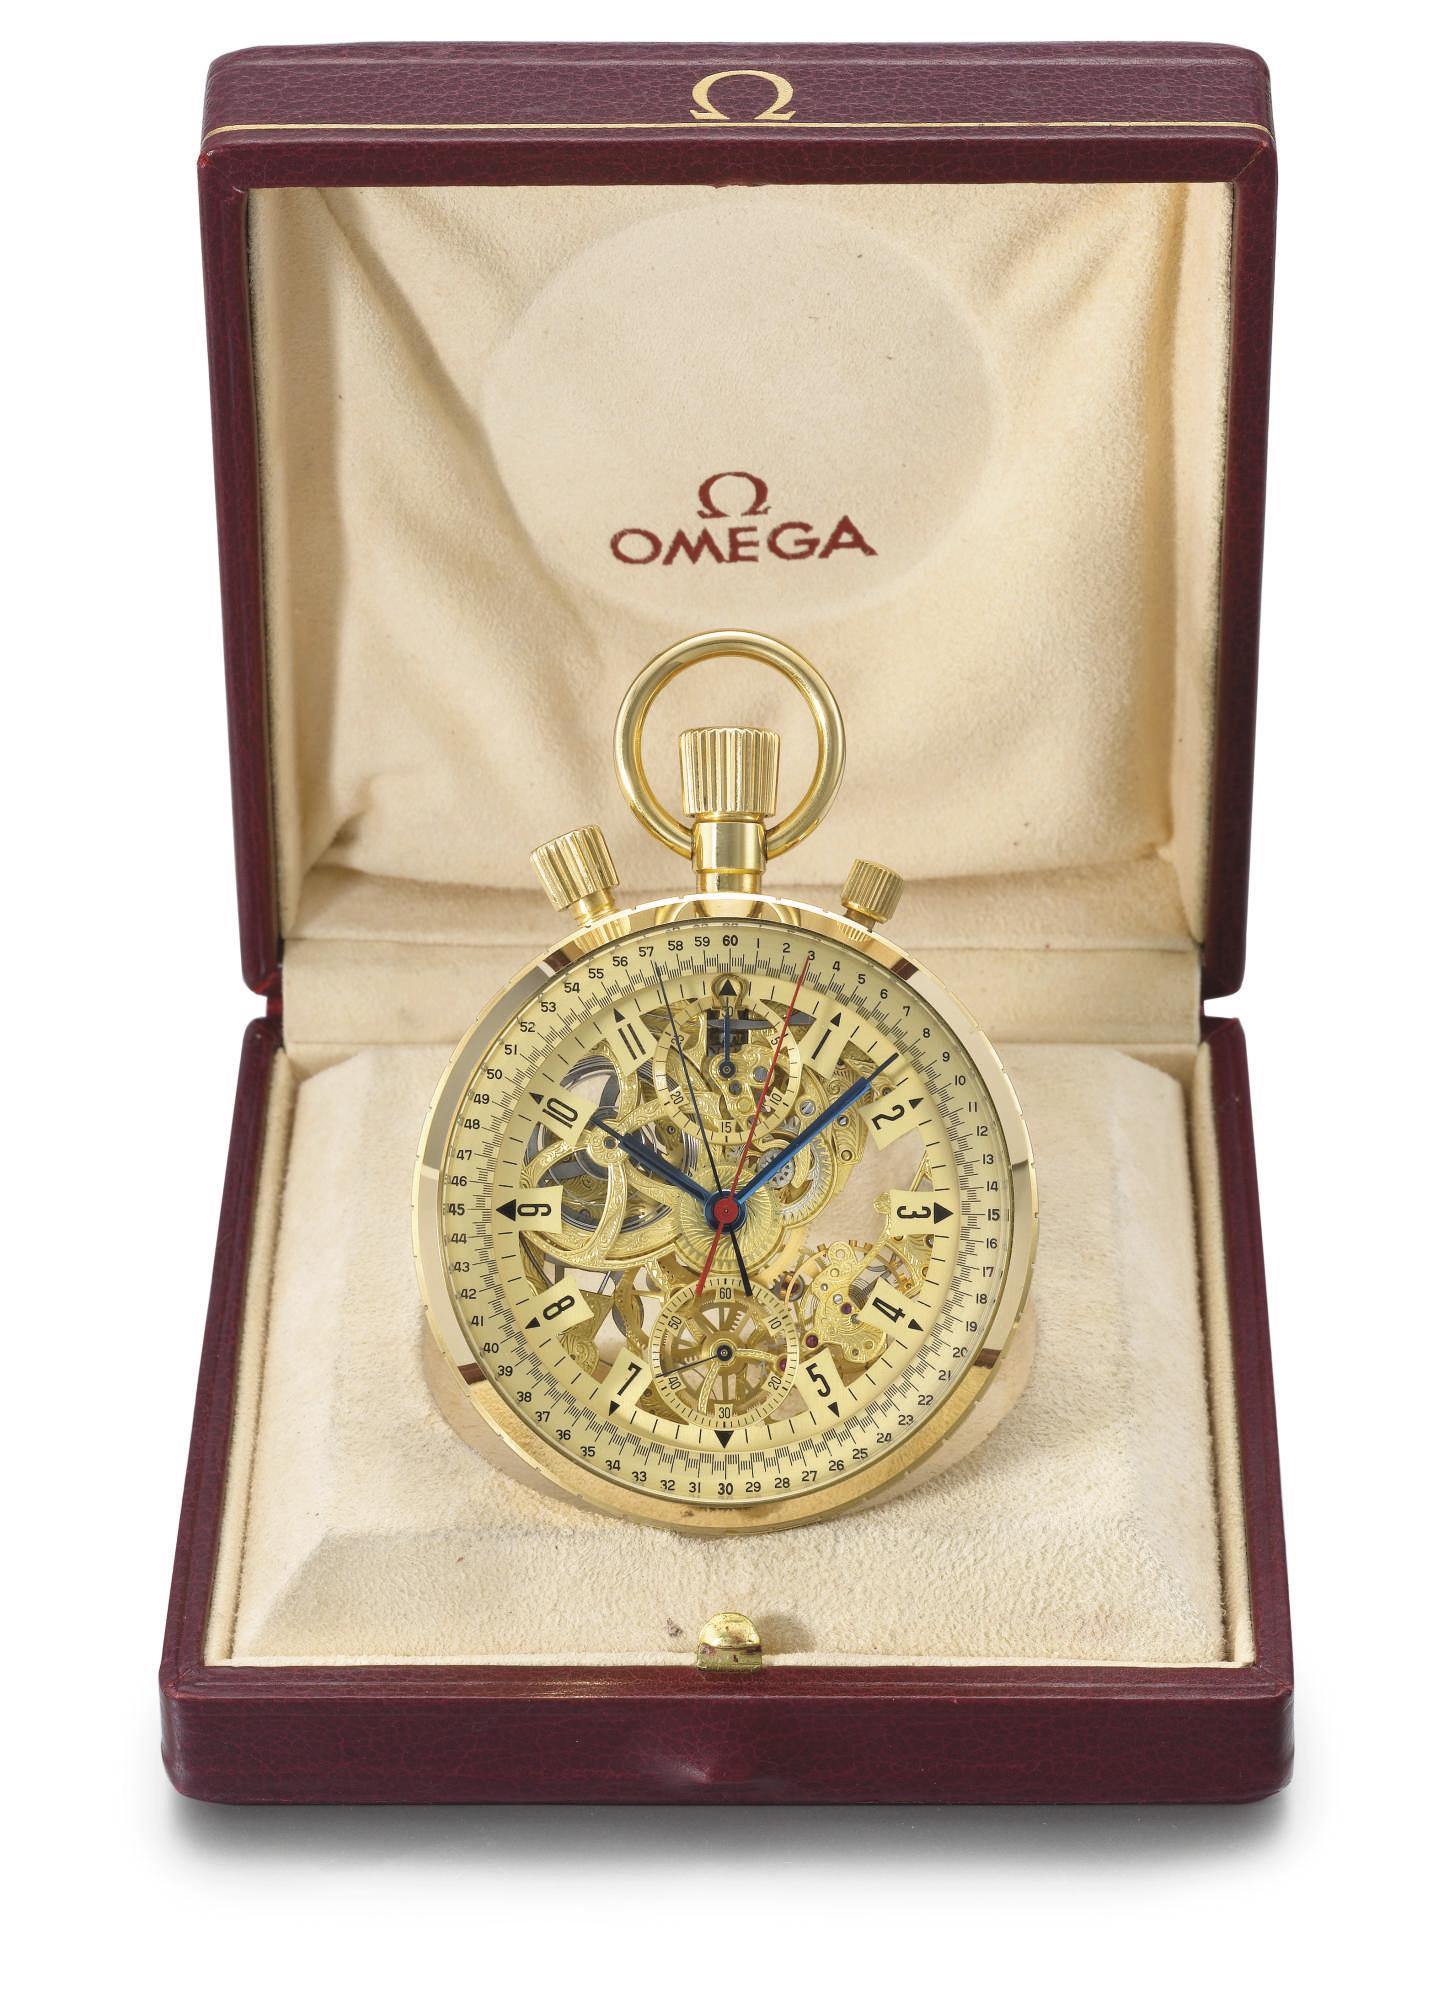 Omega. A fine, large and rare